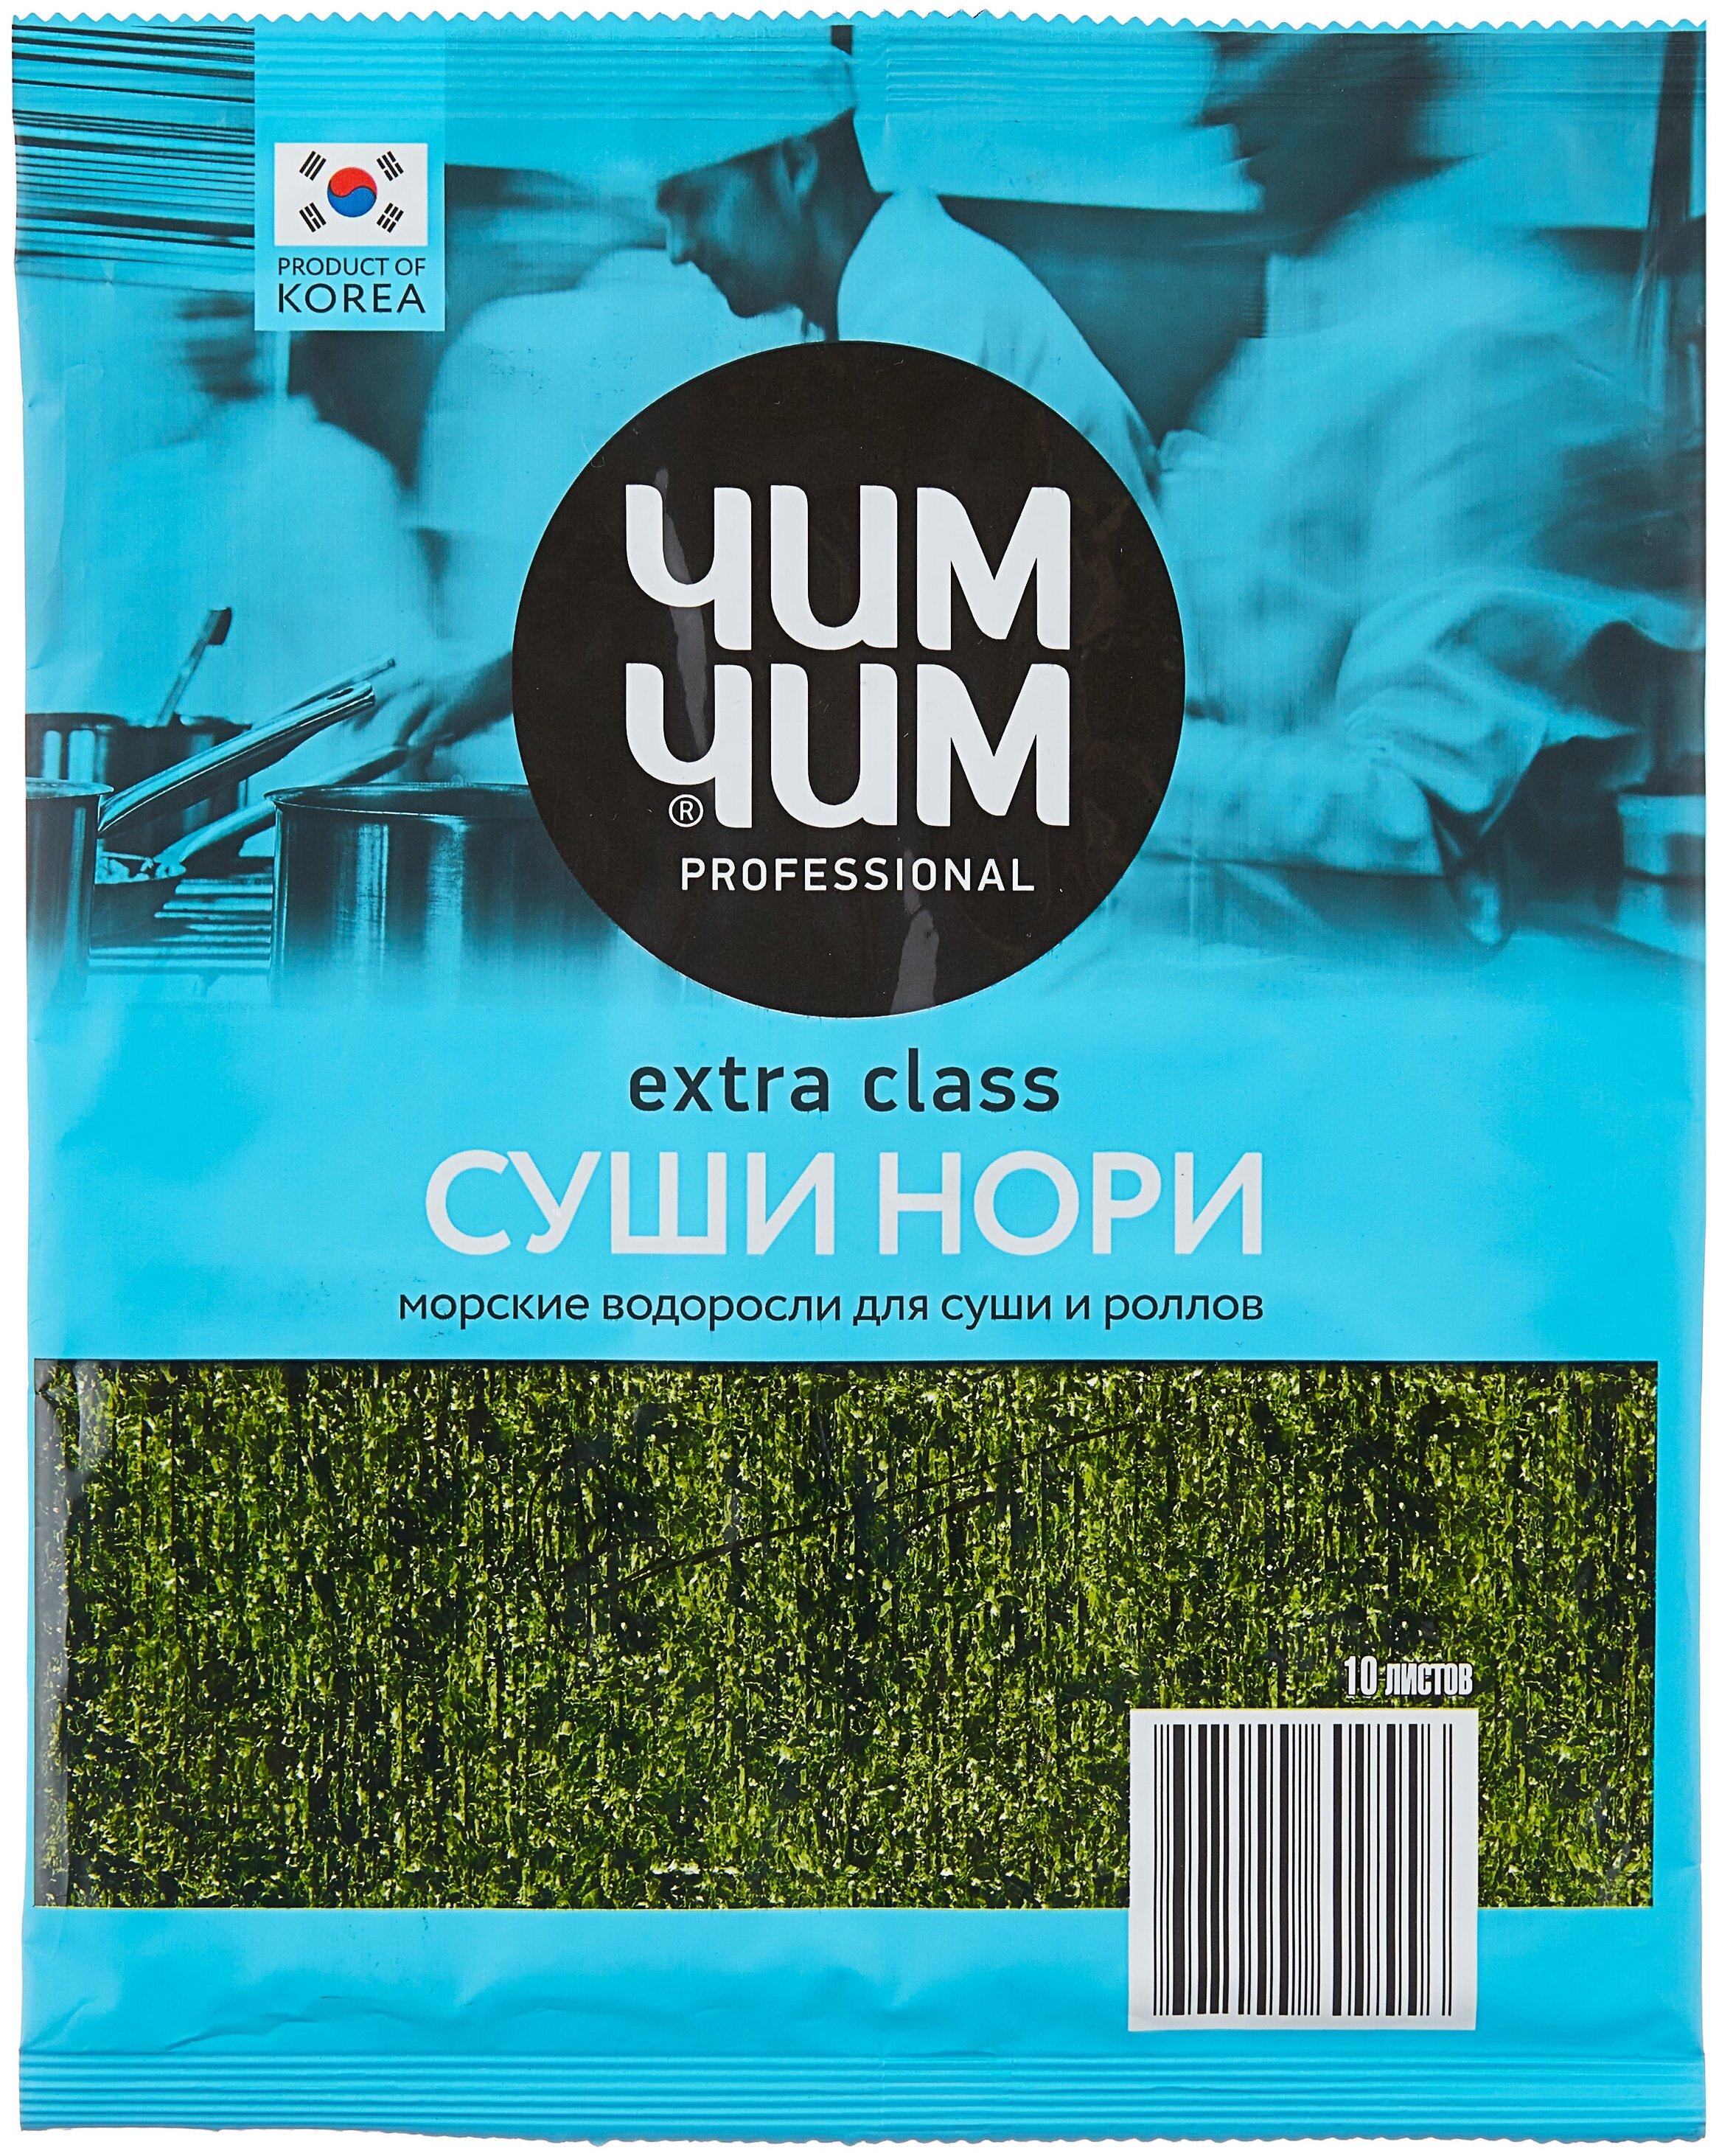 ЧИМ-ЧИМ Морские водоросли Нори, 24 г — купить по выгодной цене на Яндекс.Маркете в Нефтеюганске